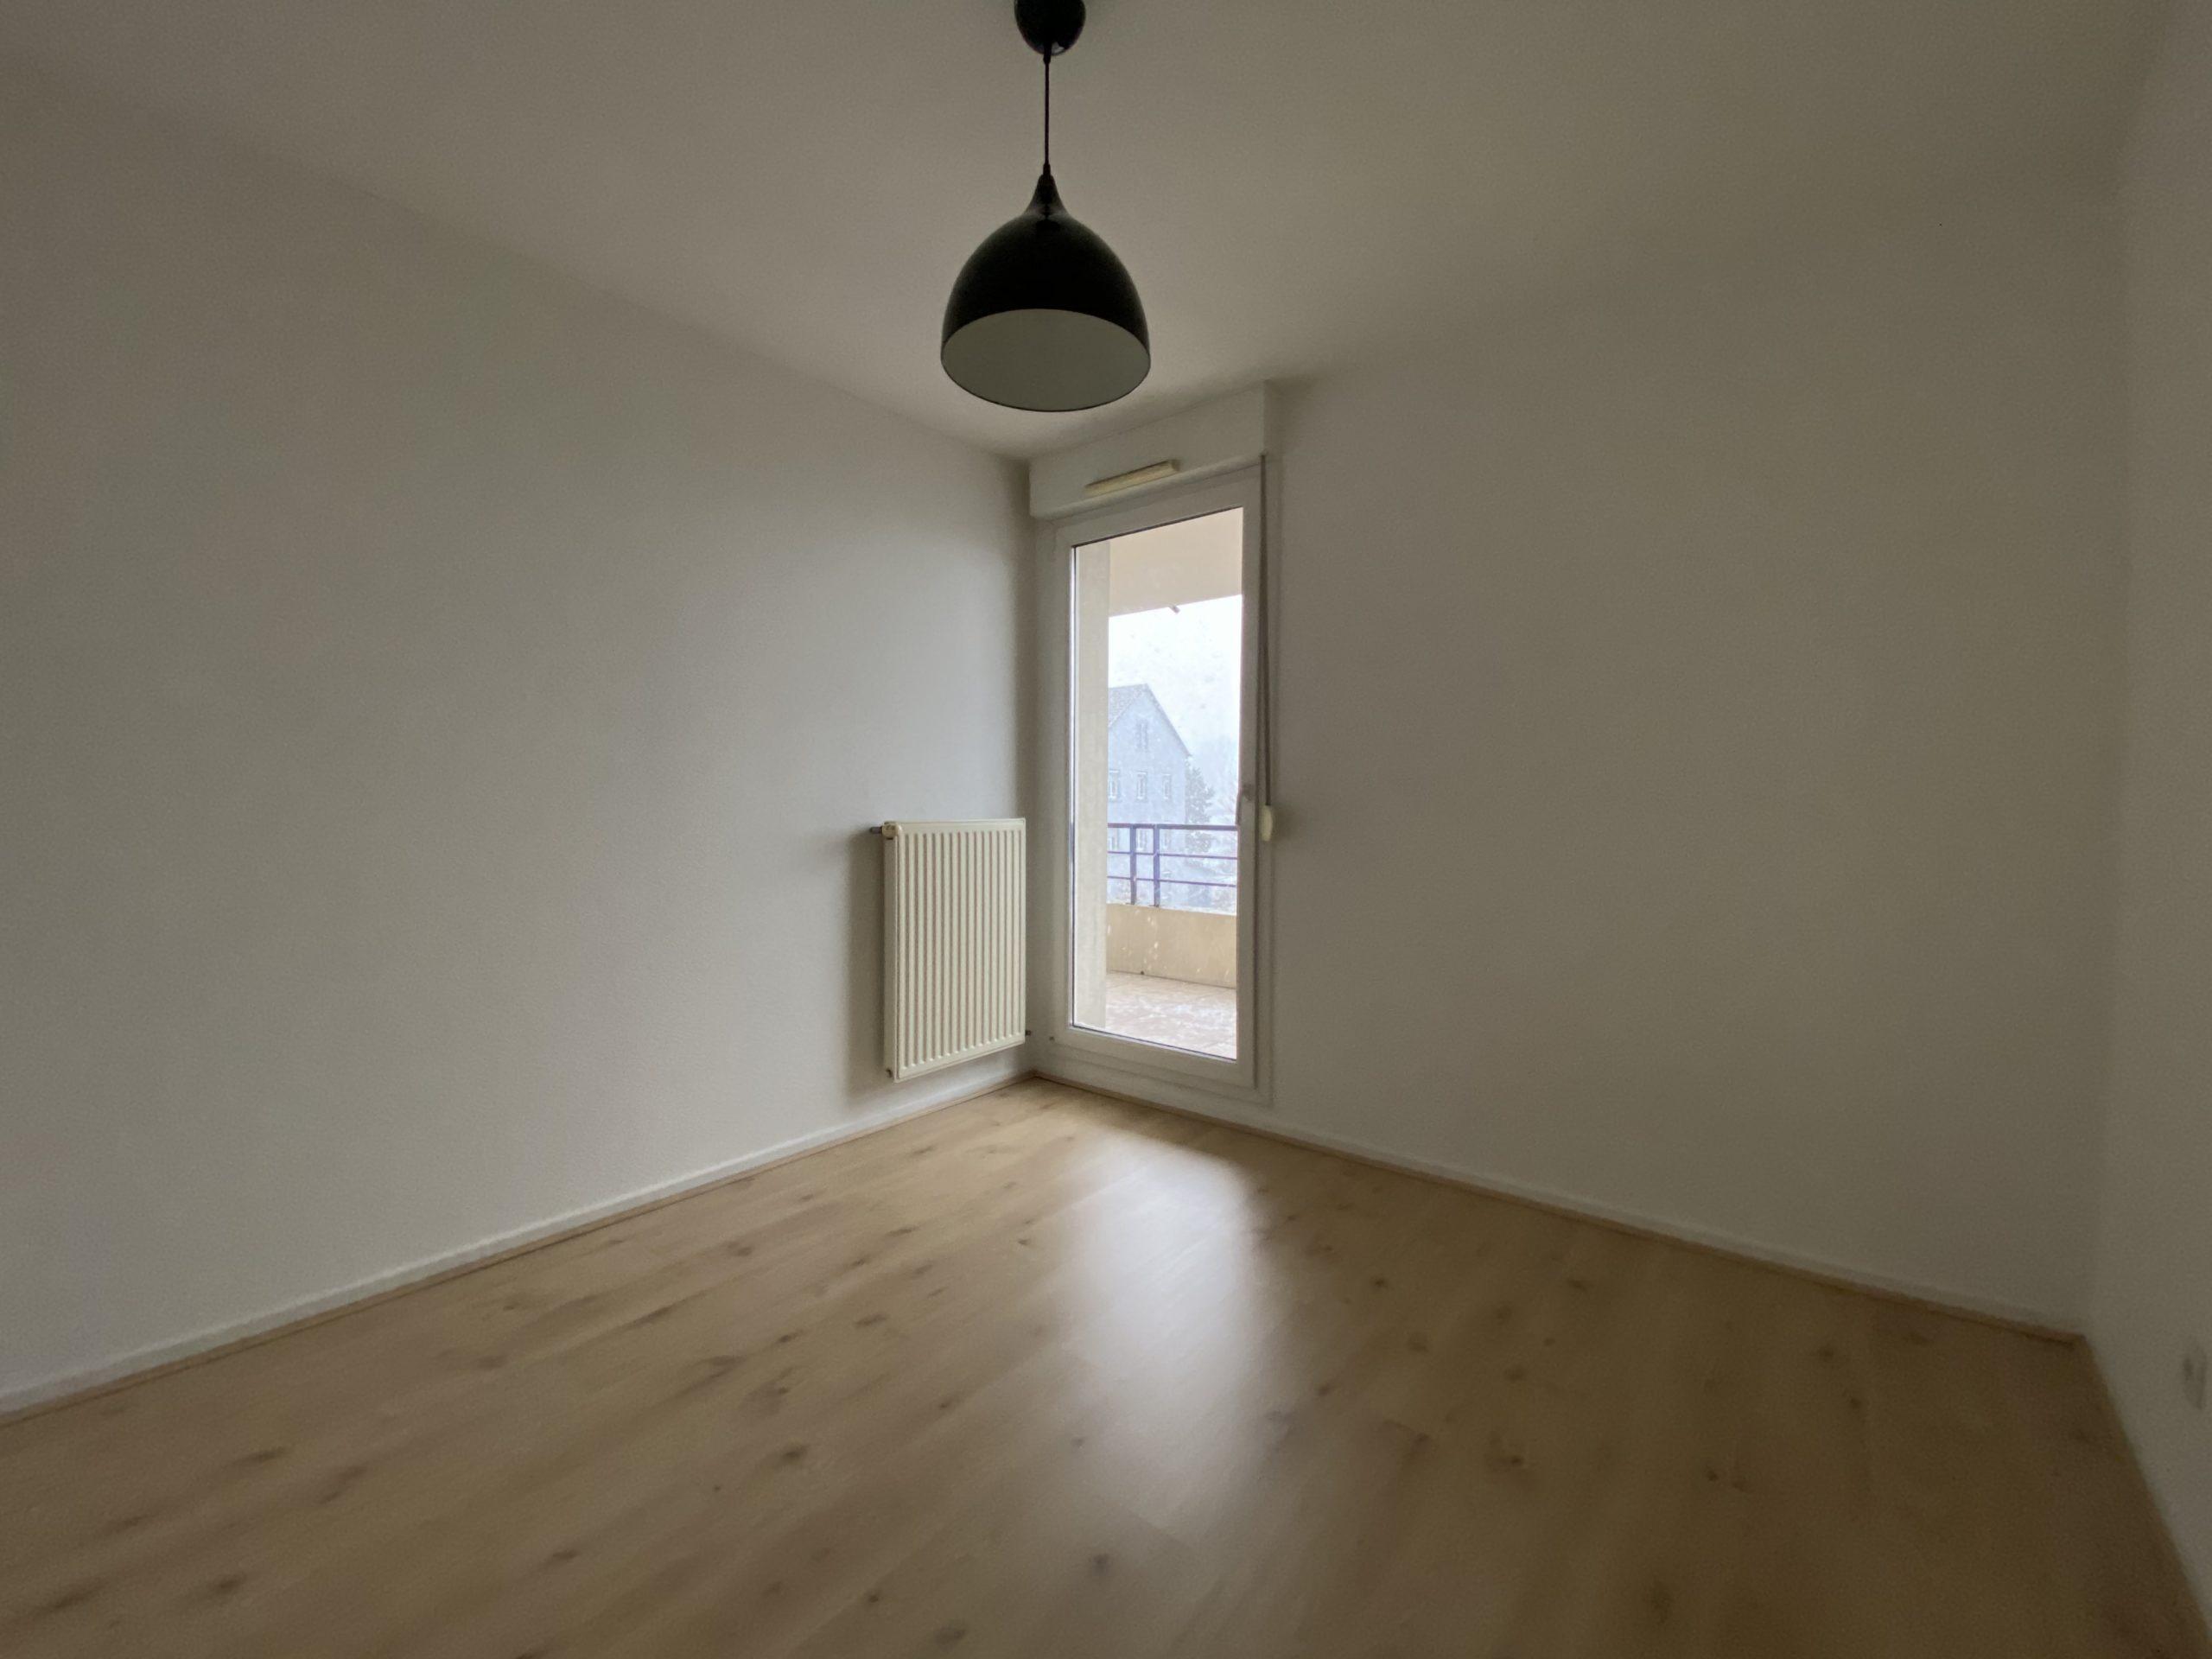 Consultant Immo RBM 68 Ensisheim - Les maisons en vente Vous êtes à la recherche d'un agent immobilier à proximité d'Ensisheim, Guebwiller, Mulhouse ? Vous êtes à la recherche d'une maison à vendre à Colmar, Ensisheim, de Wittenheim, de Rixheim ou ailleurs dans le 68 (Haut-Rhin)